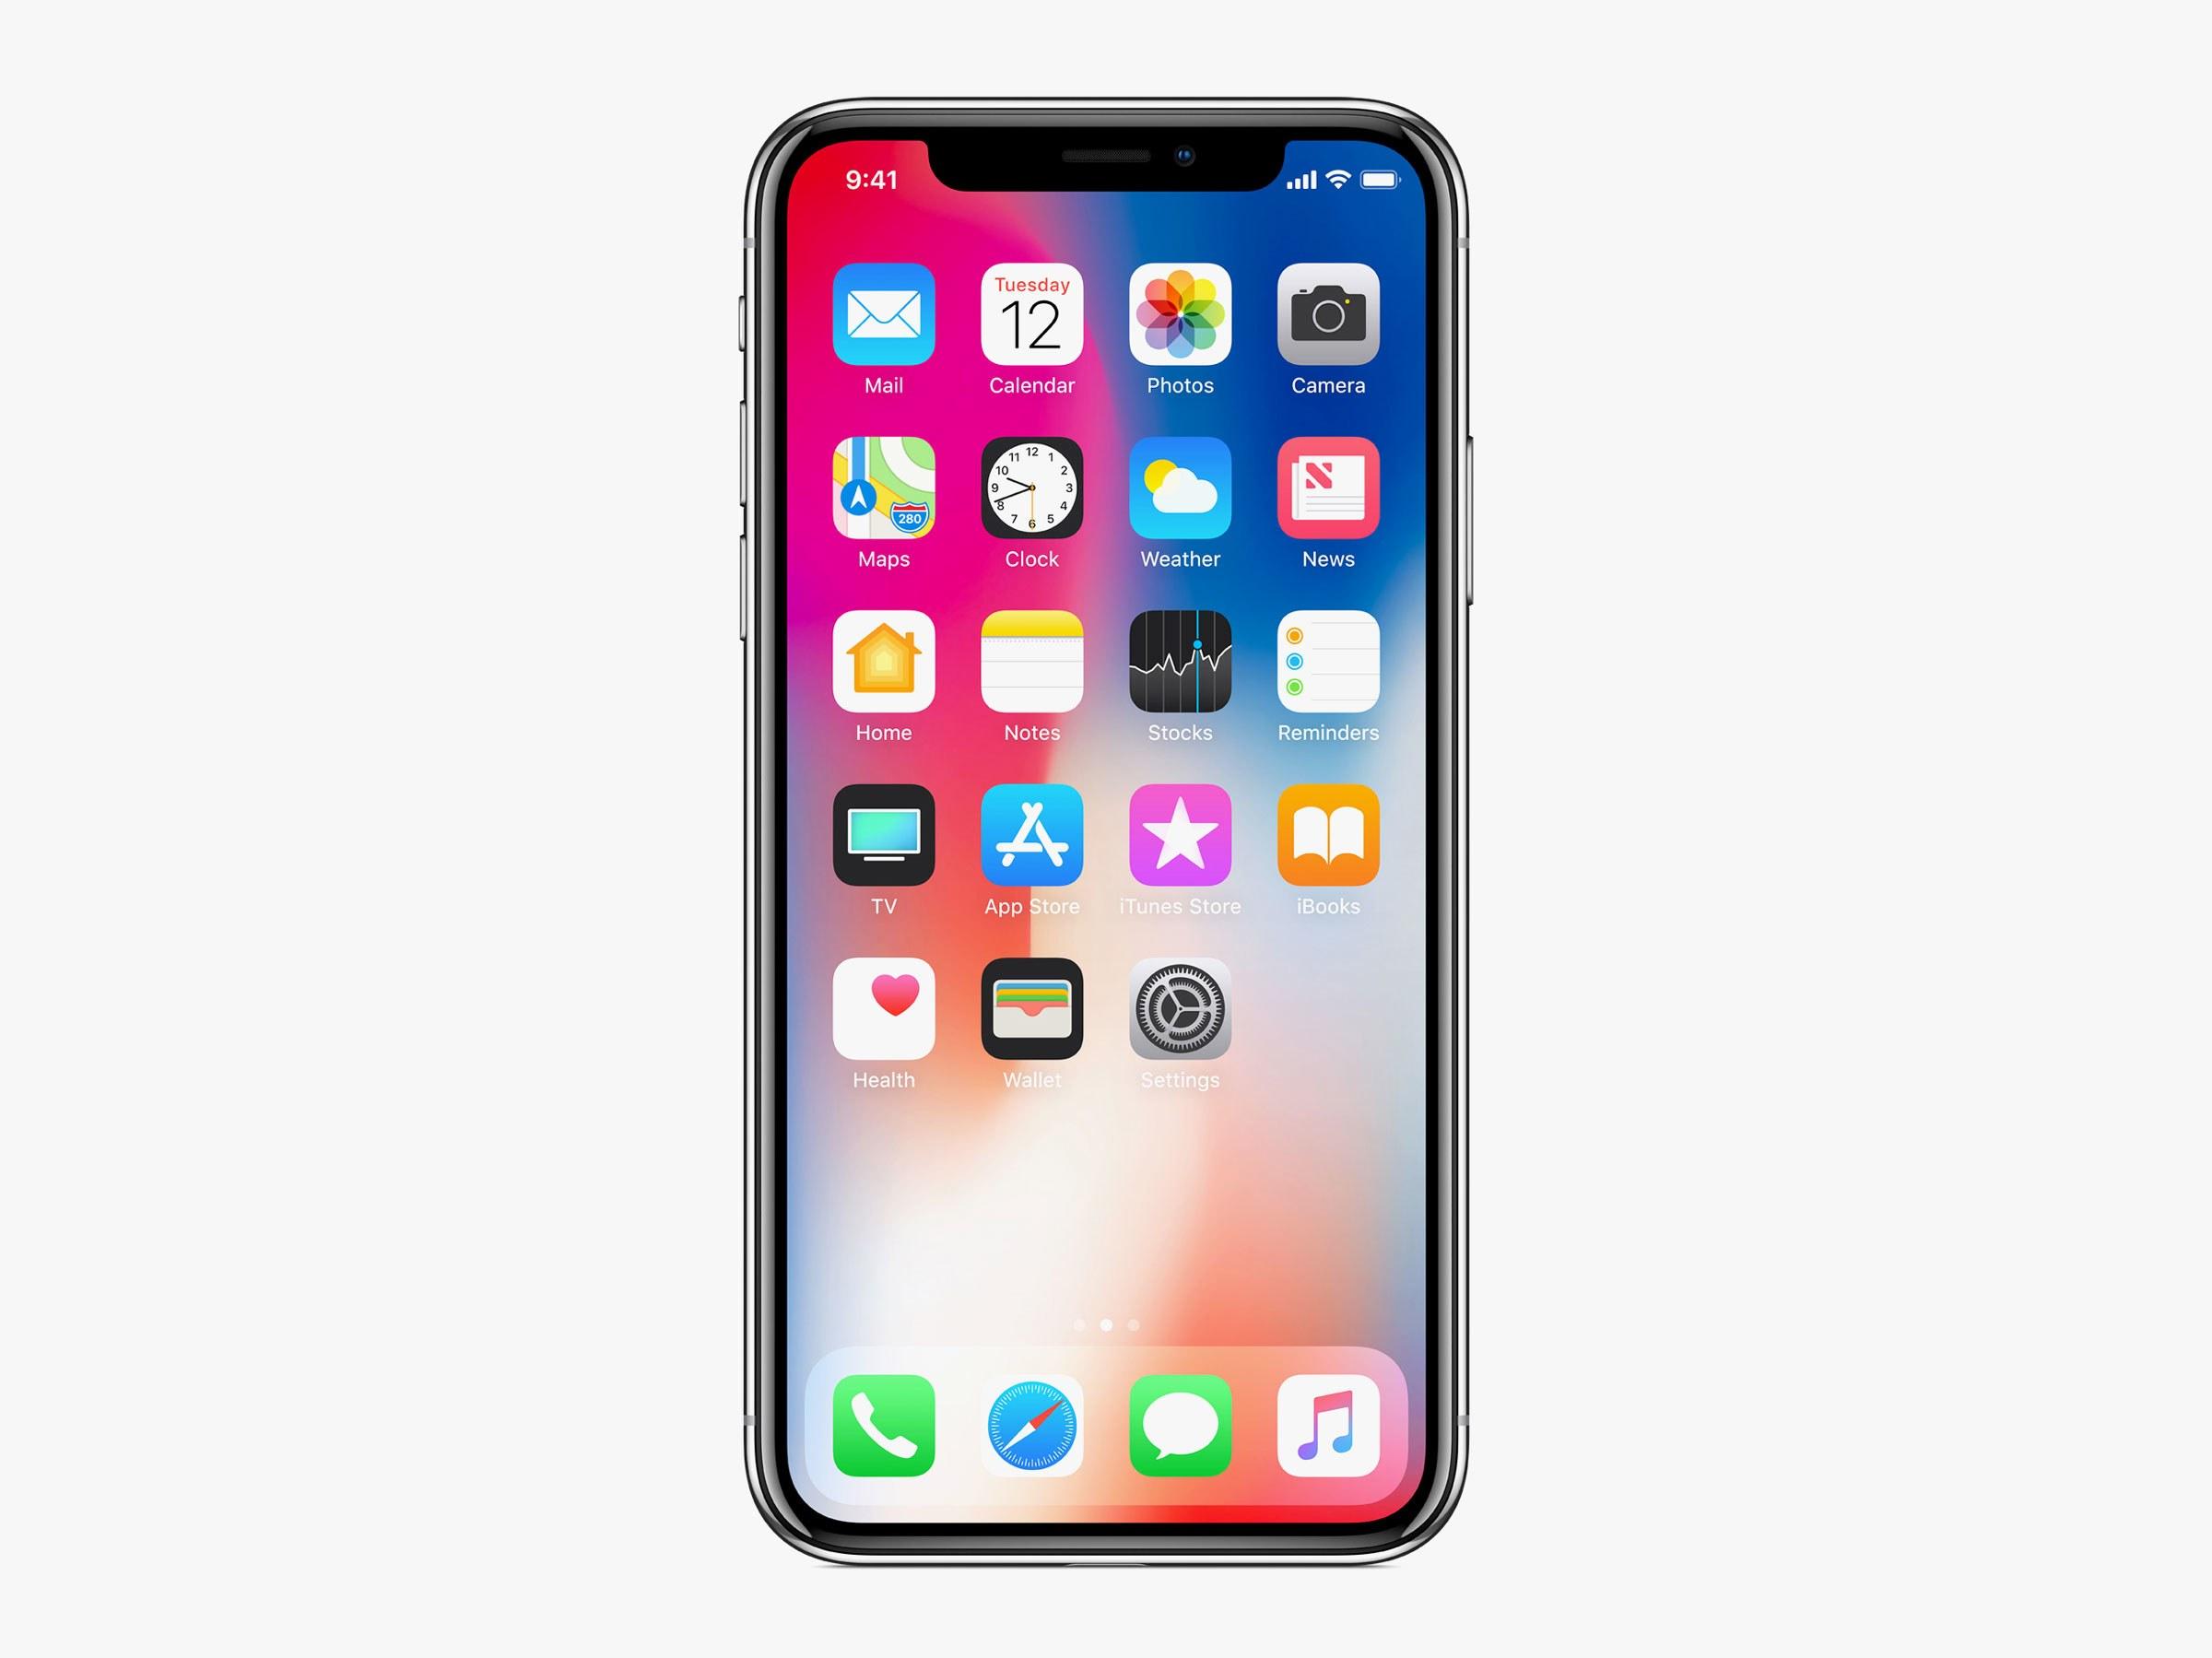 iPhoneの標準アプリ